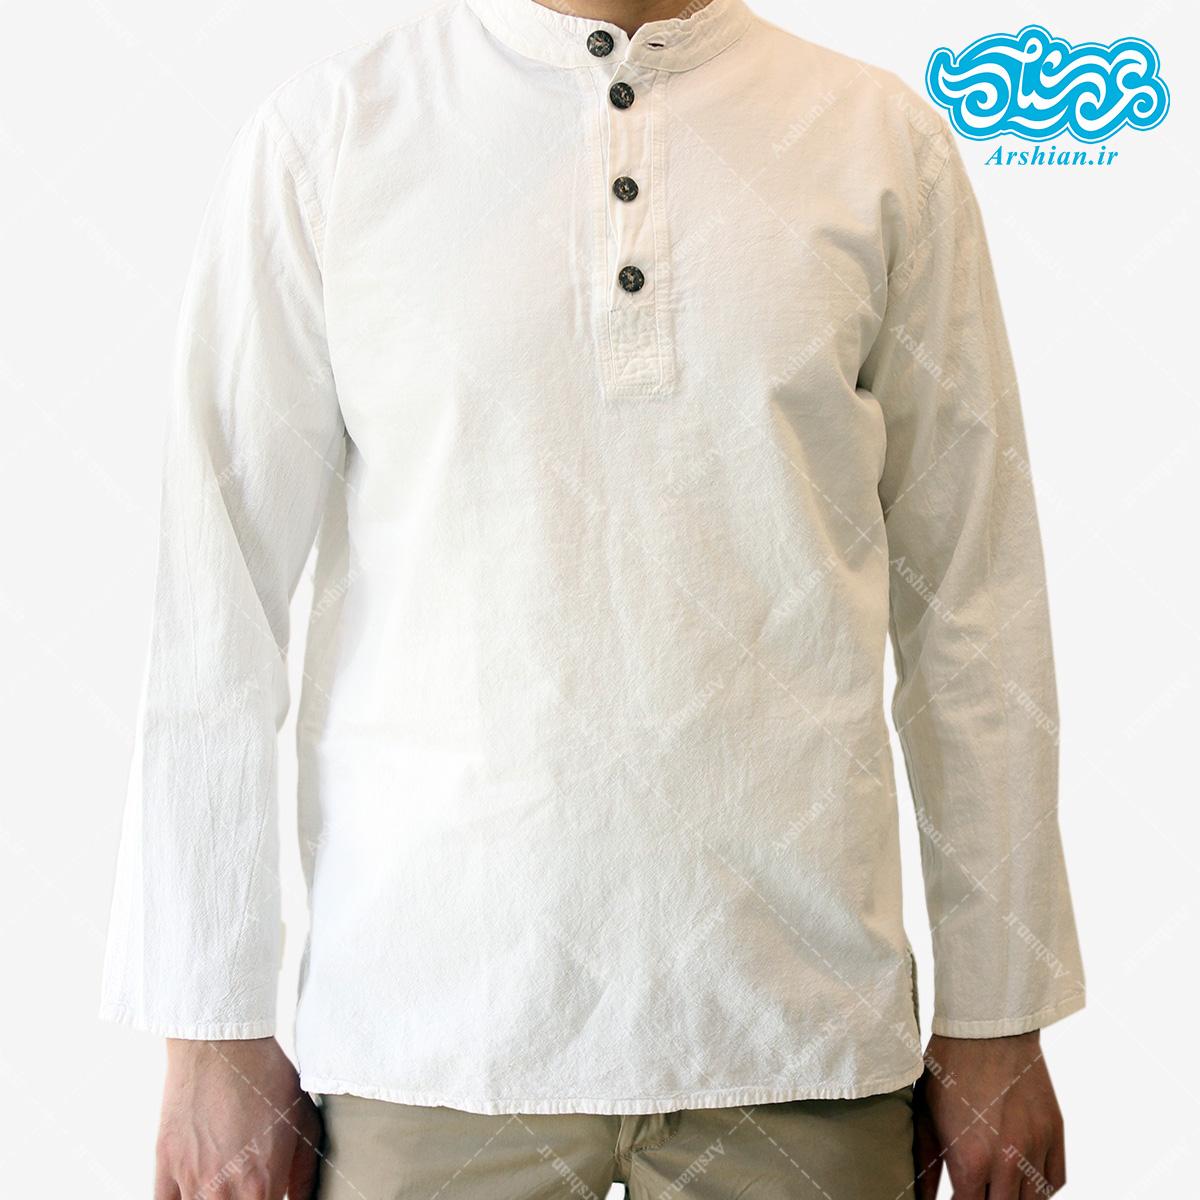 پیراهن الیاف طبیعی طرح چهار دکمه مدل se001